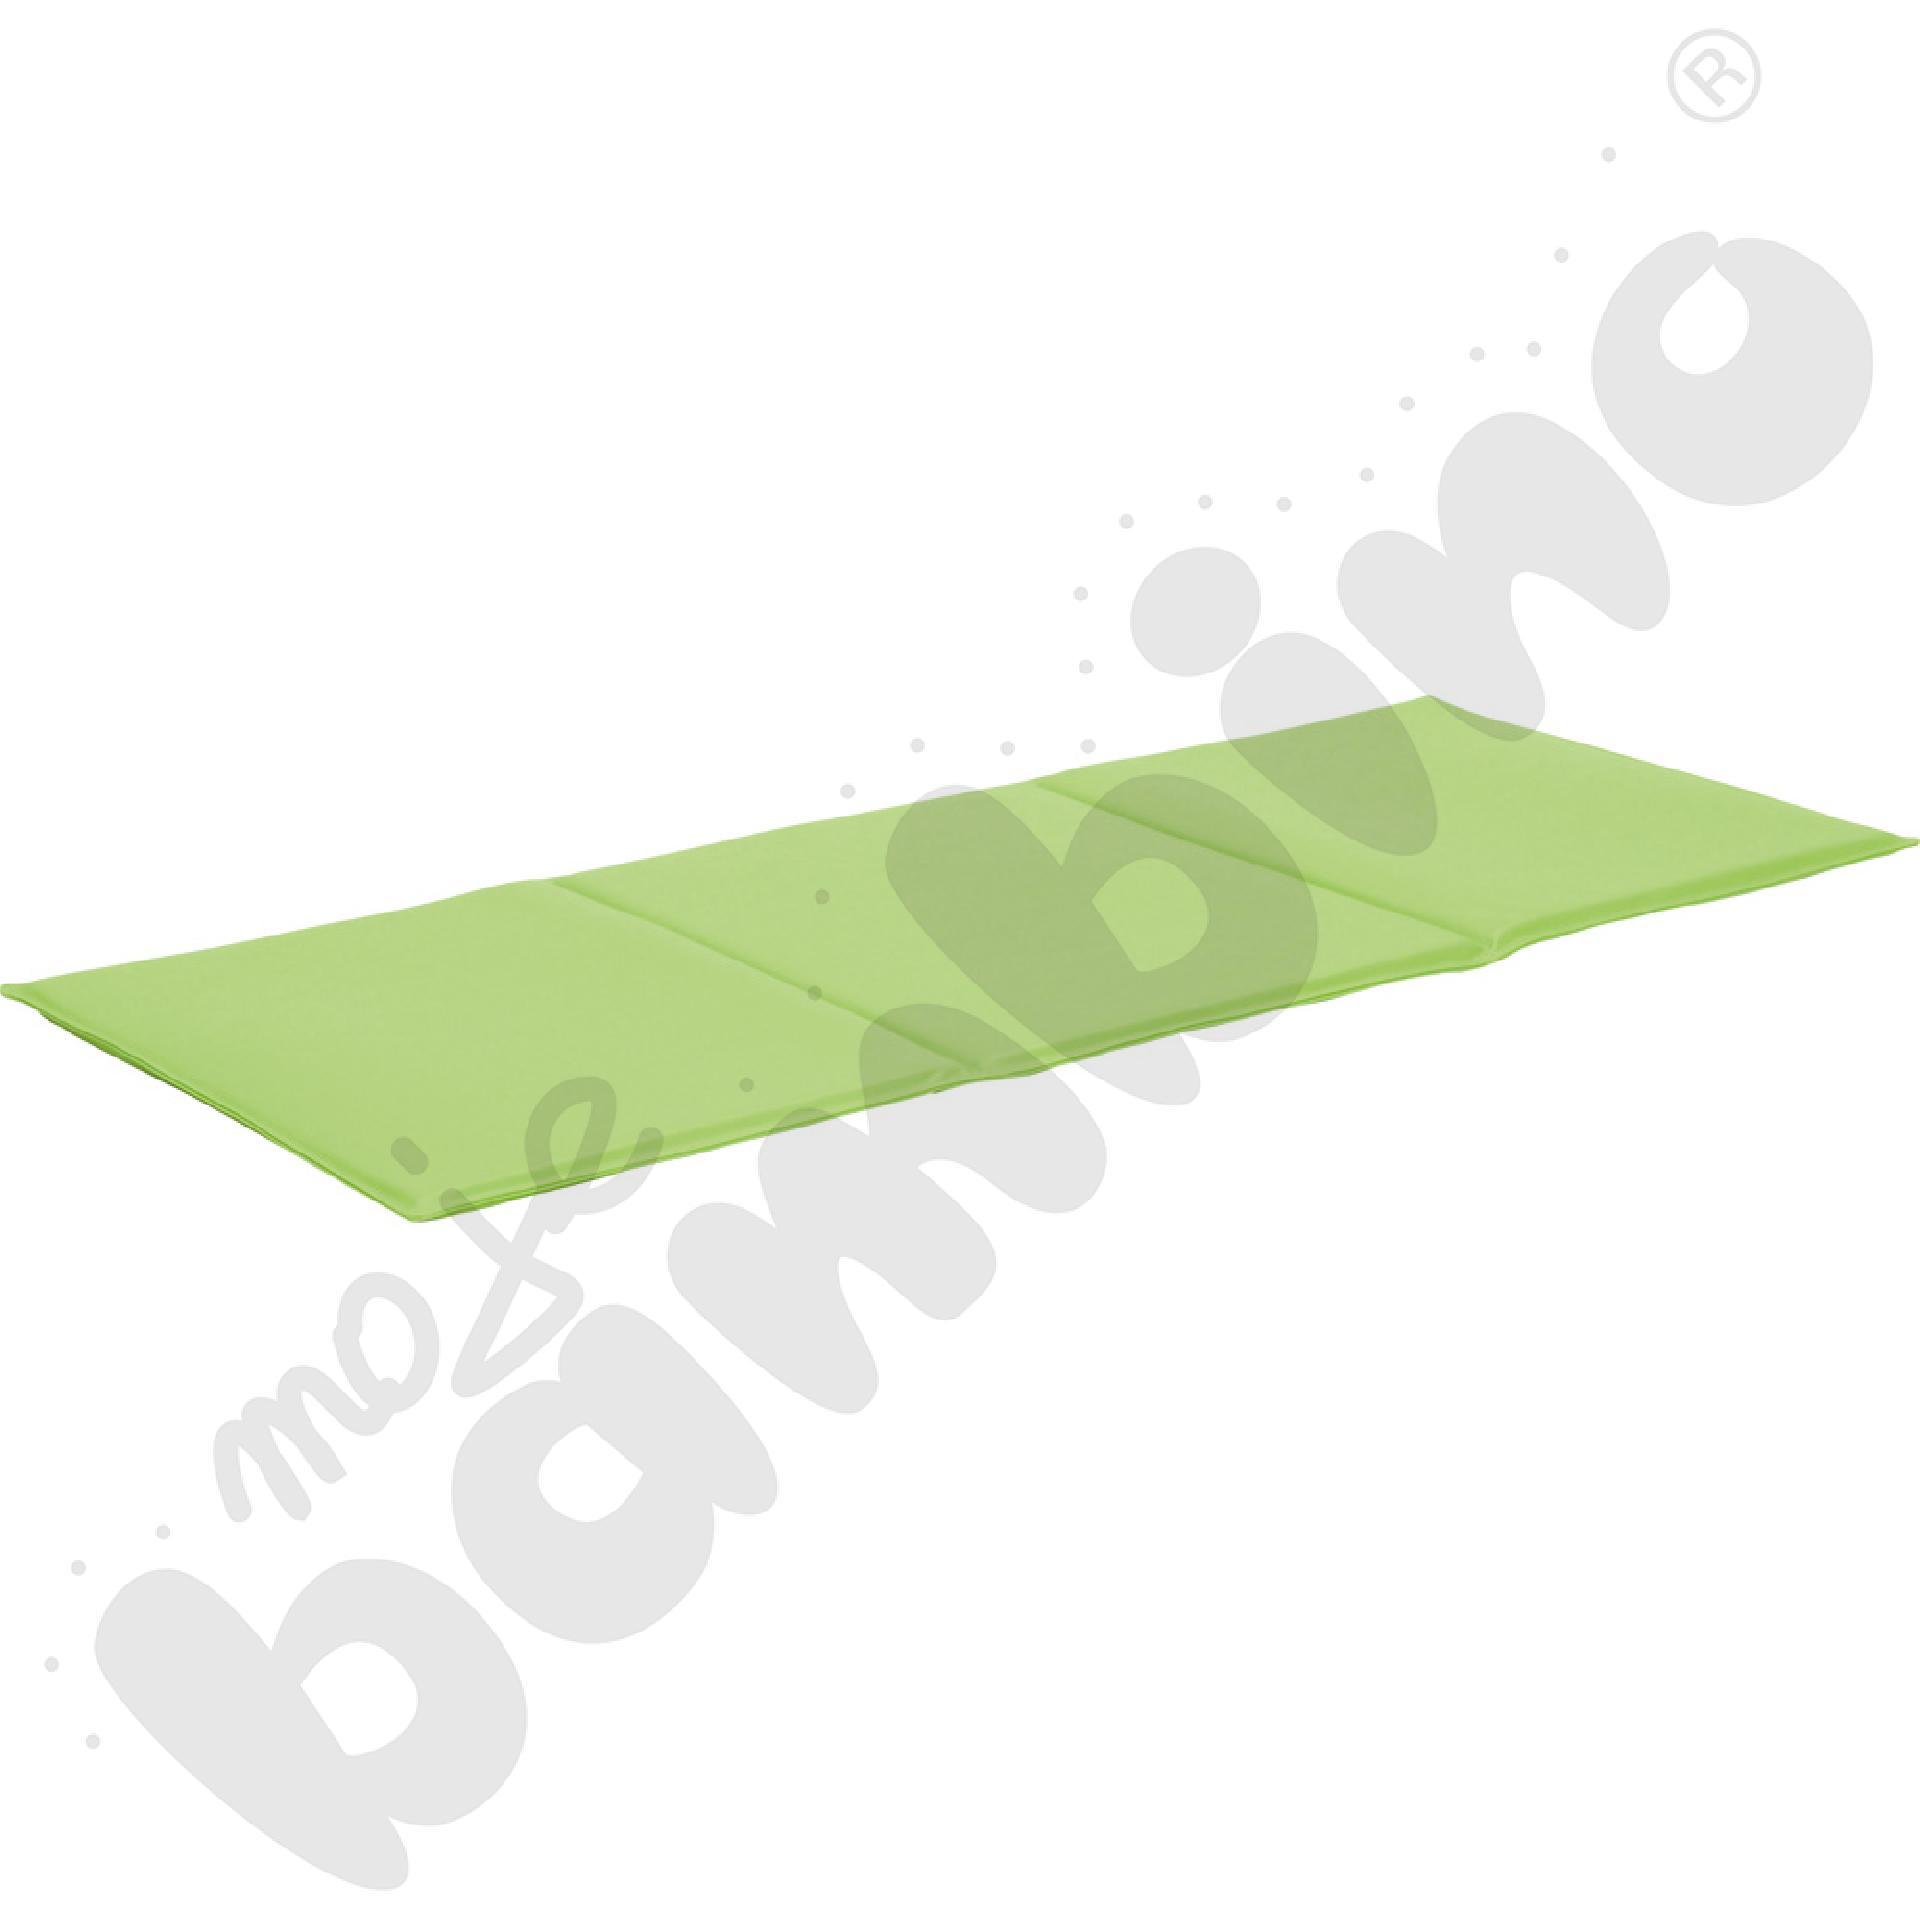 Mata gimnastyczna zielona -...aaa